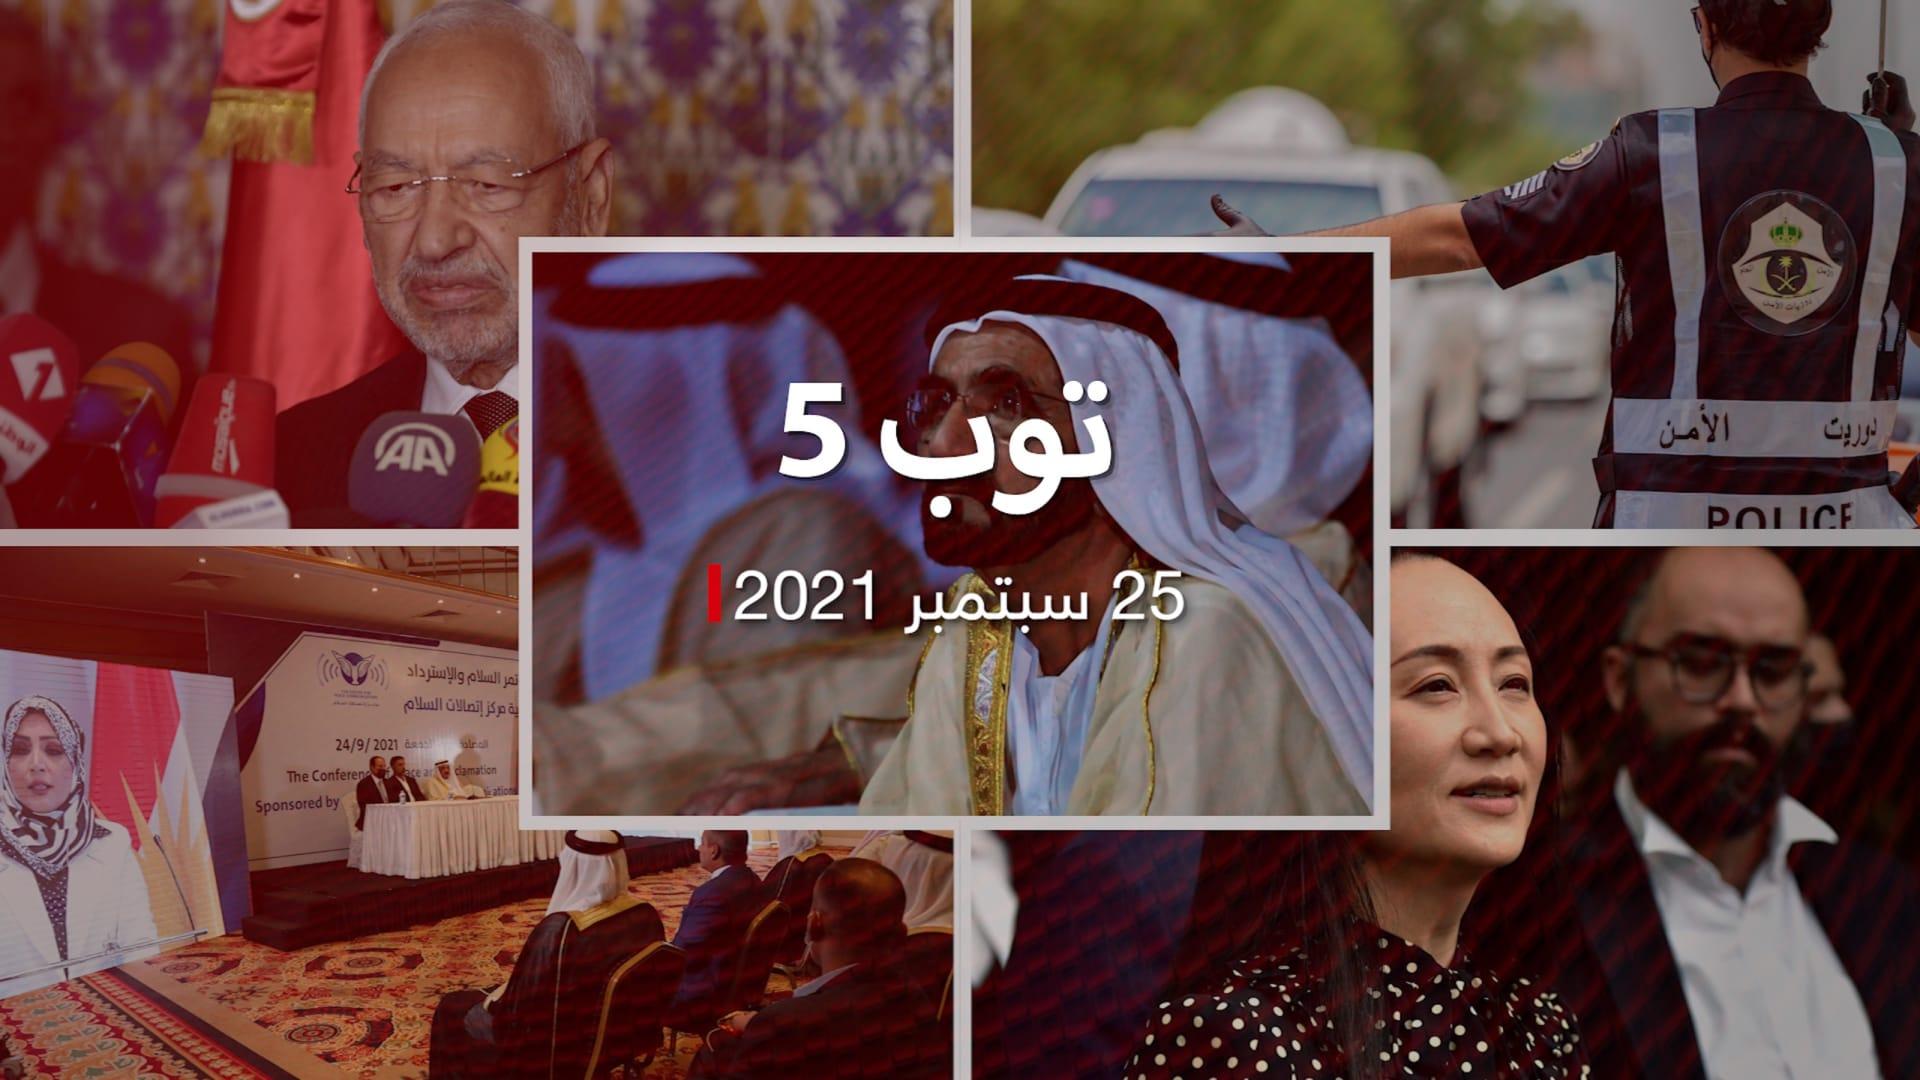 توب 5: حكومة جديدة بالإمارات.. واستقالة ما يزيد عن 100 قيادي بحركة النهضة التونسية